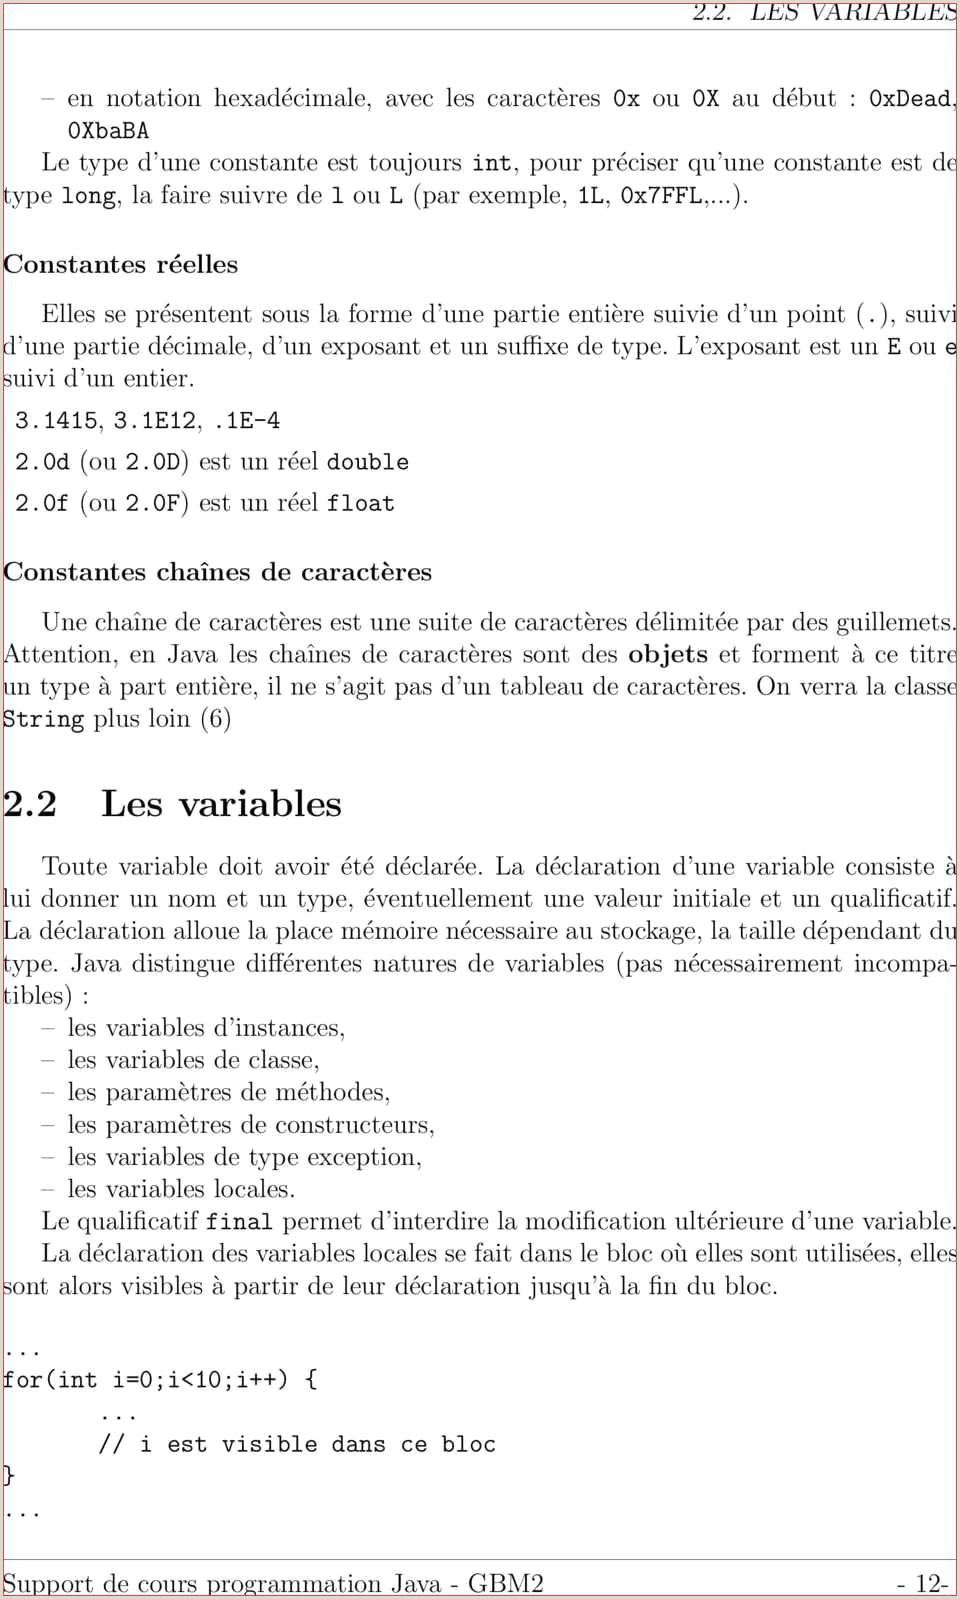 Exemple Cv Interim élégant Cv Word Gratuit Unique Exemple Cv